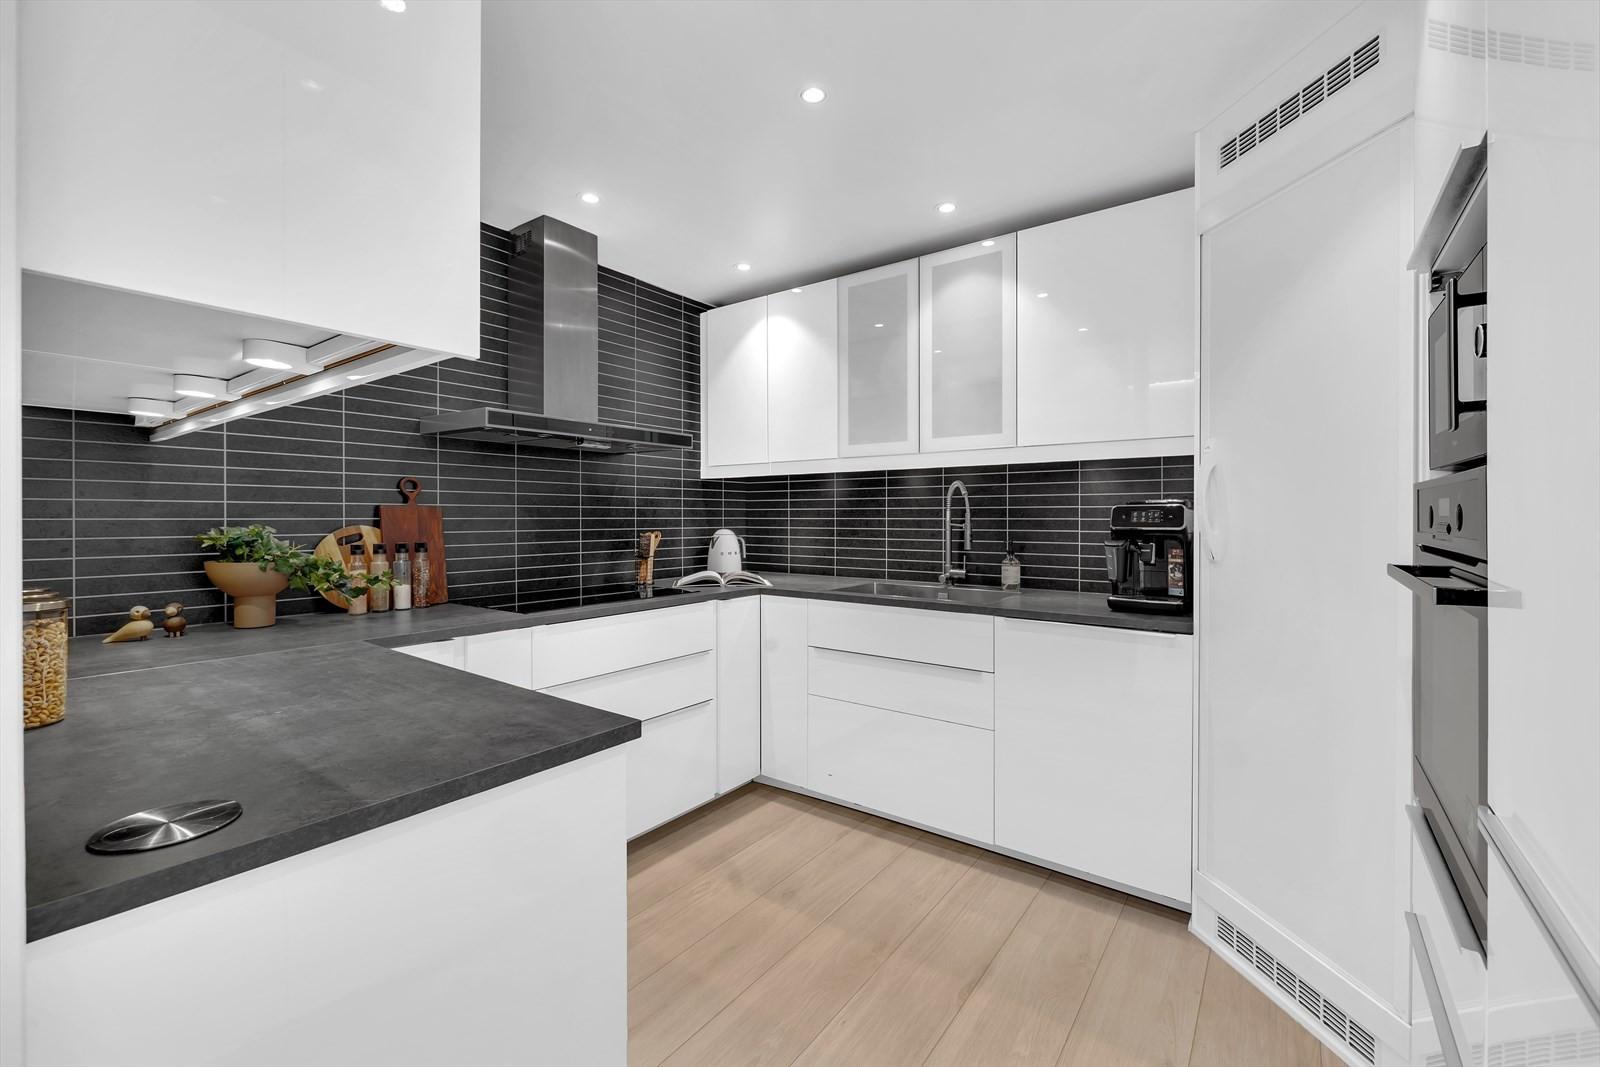 Kjøkken med moderne innredninger og integrerte hvitevarer.